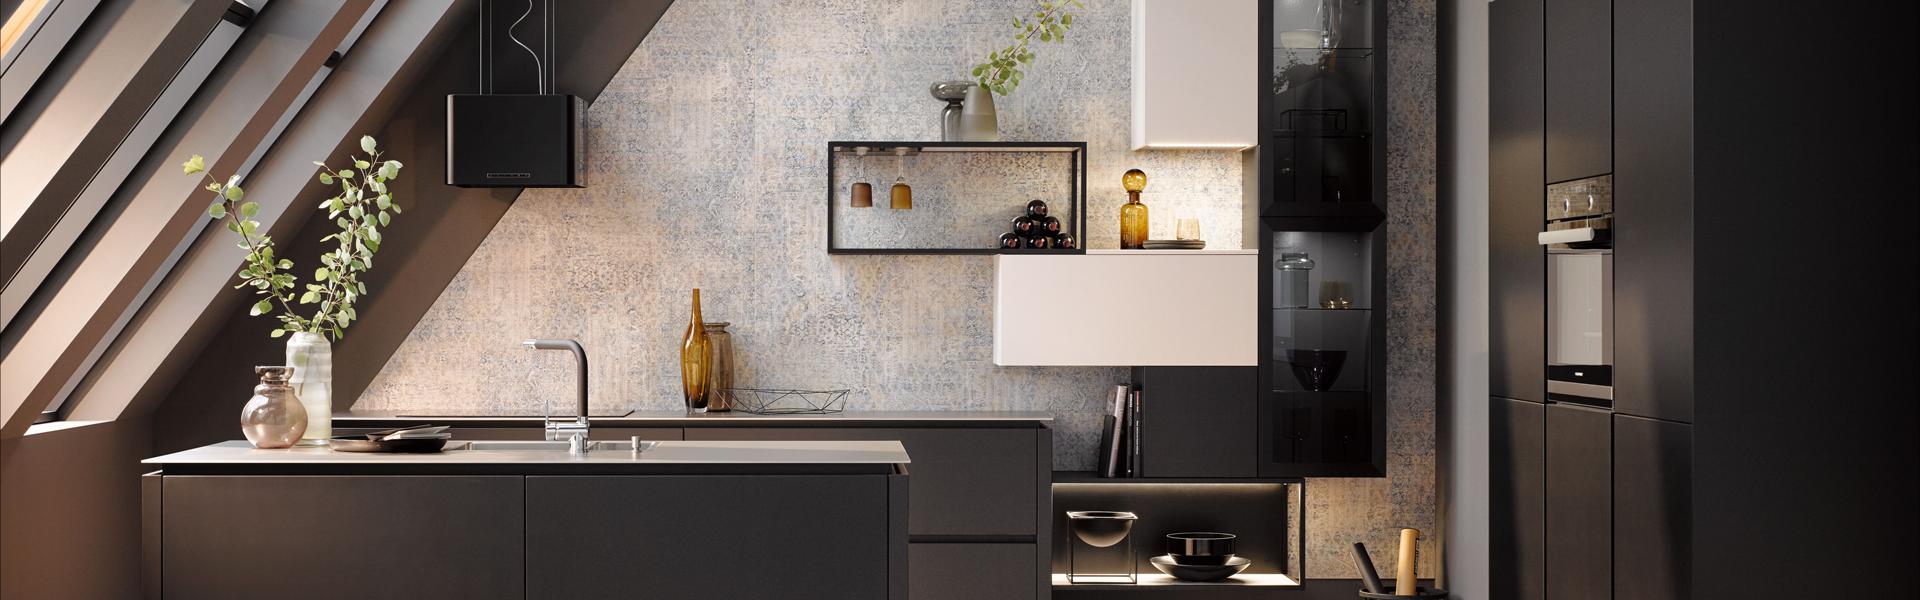 Design keukens bij showroom Capelle a/d IJssel